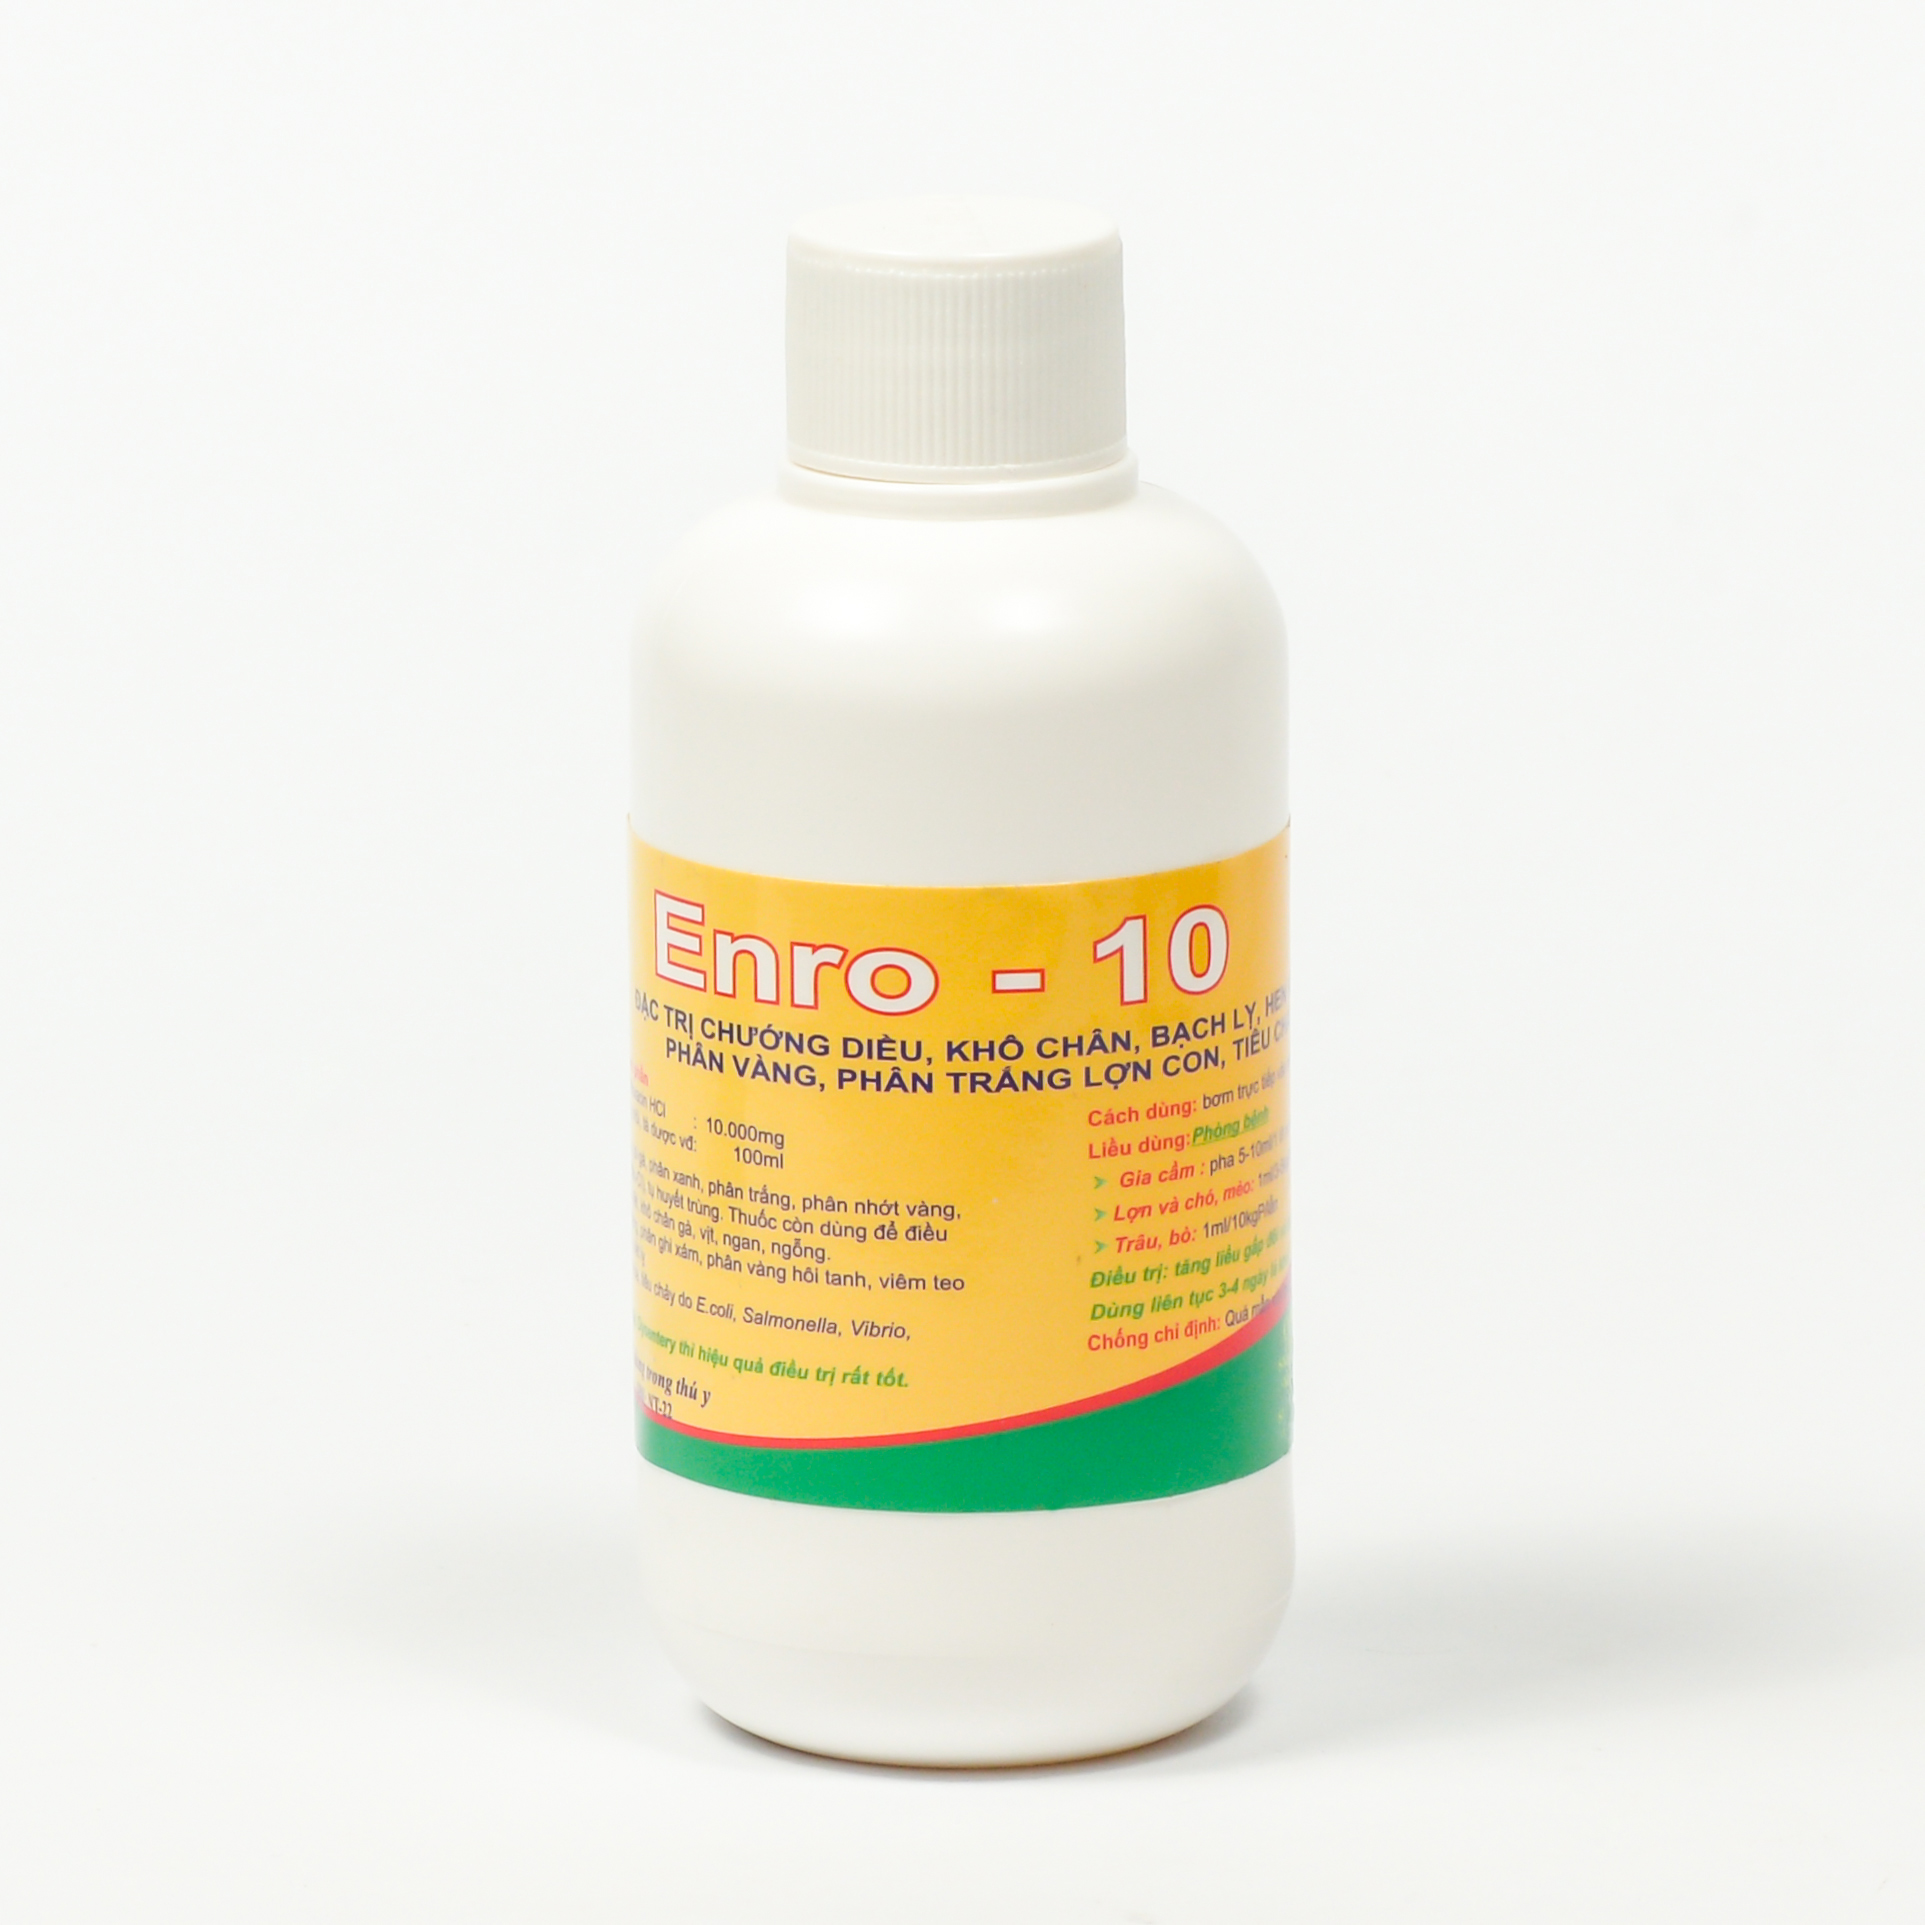 Enro – 10 100ml